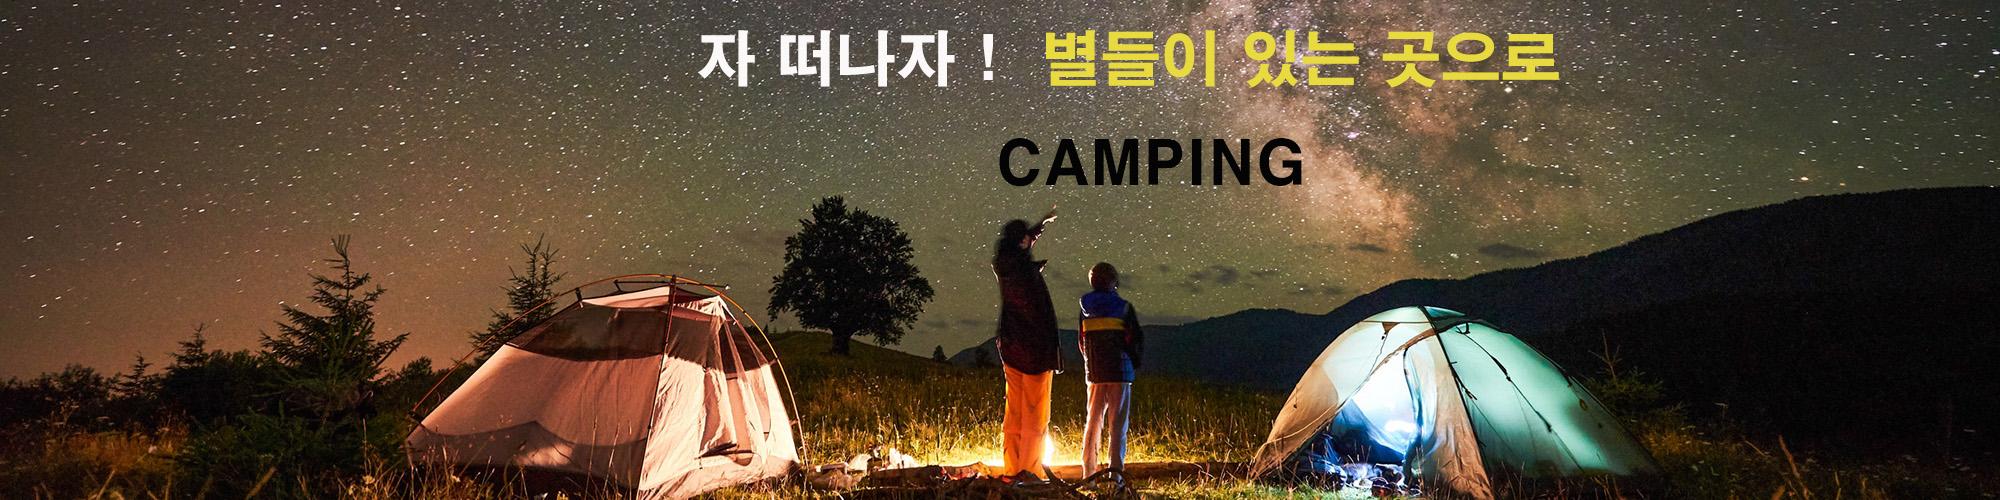 필수 캠핑